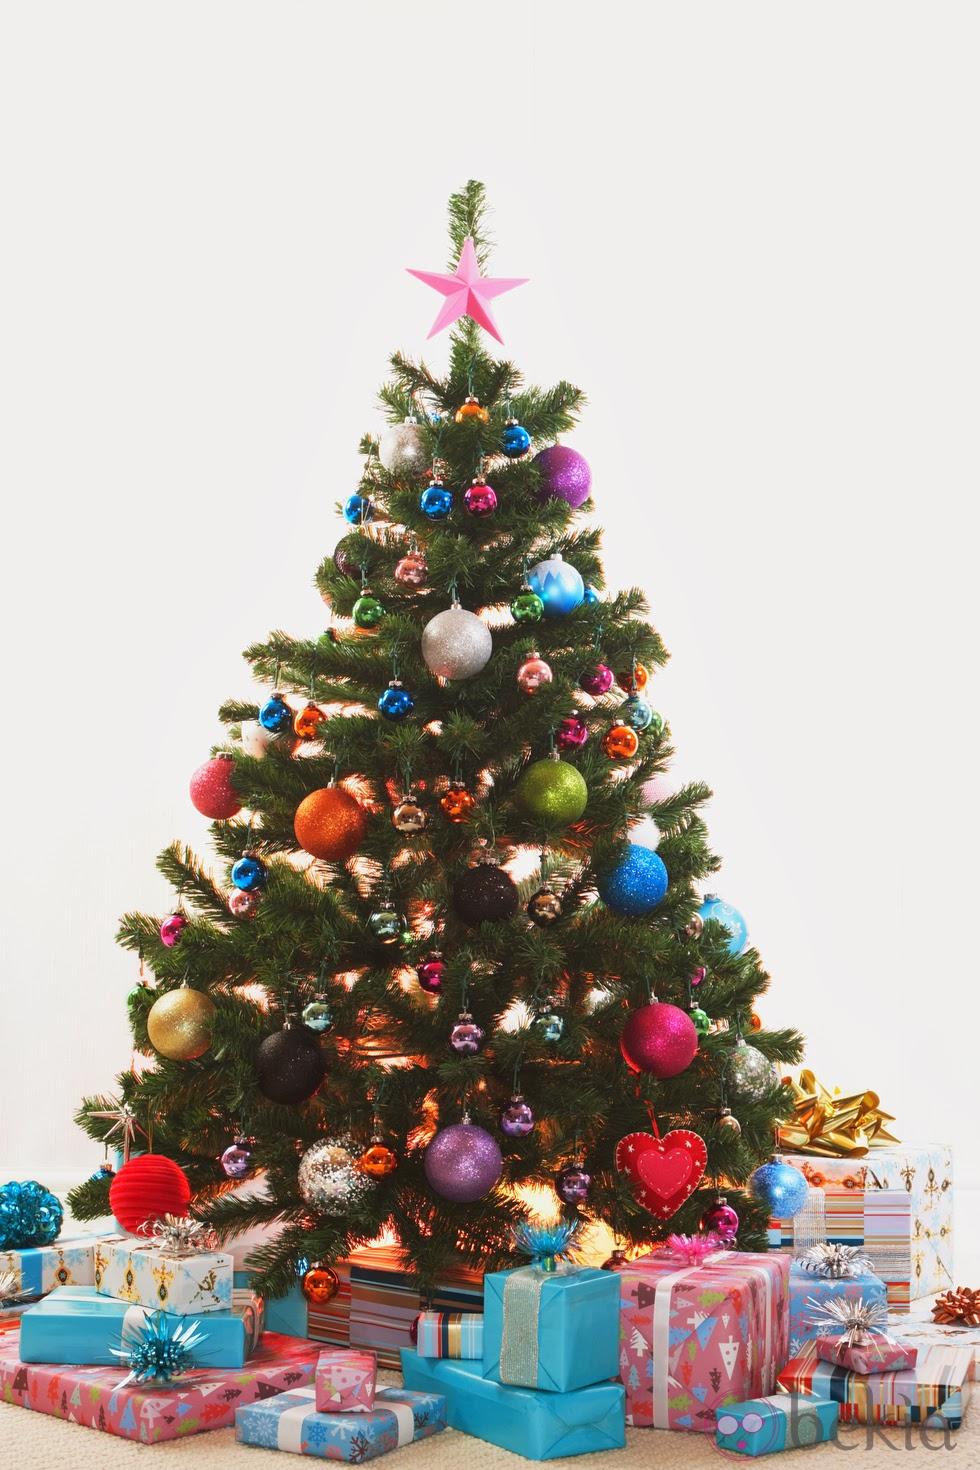 Banco de imagenes y fotos gratis arbol de navidad parte 2 - Imagenes de arboles de navidad decorados ...